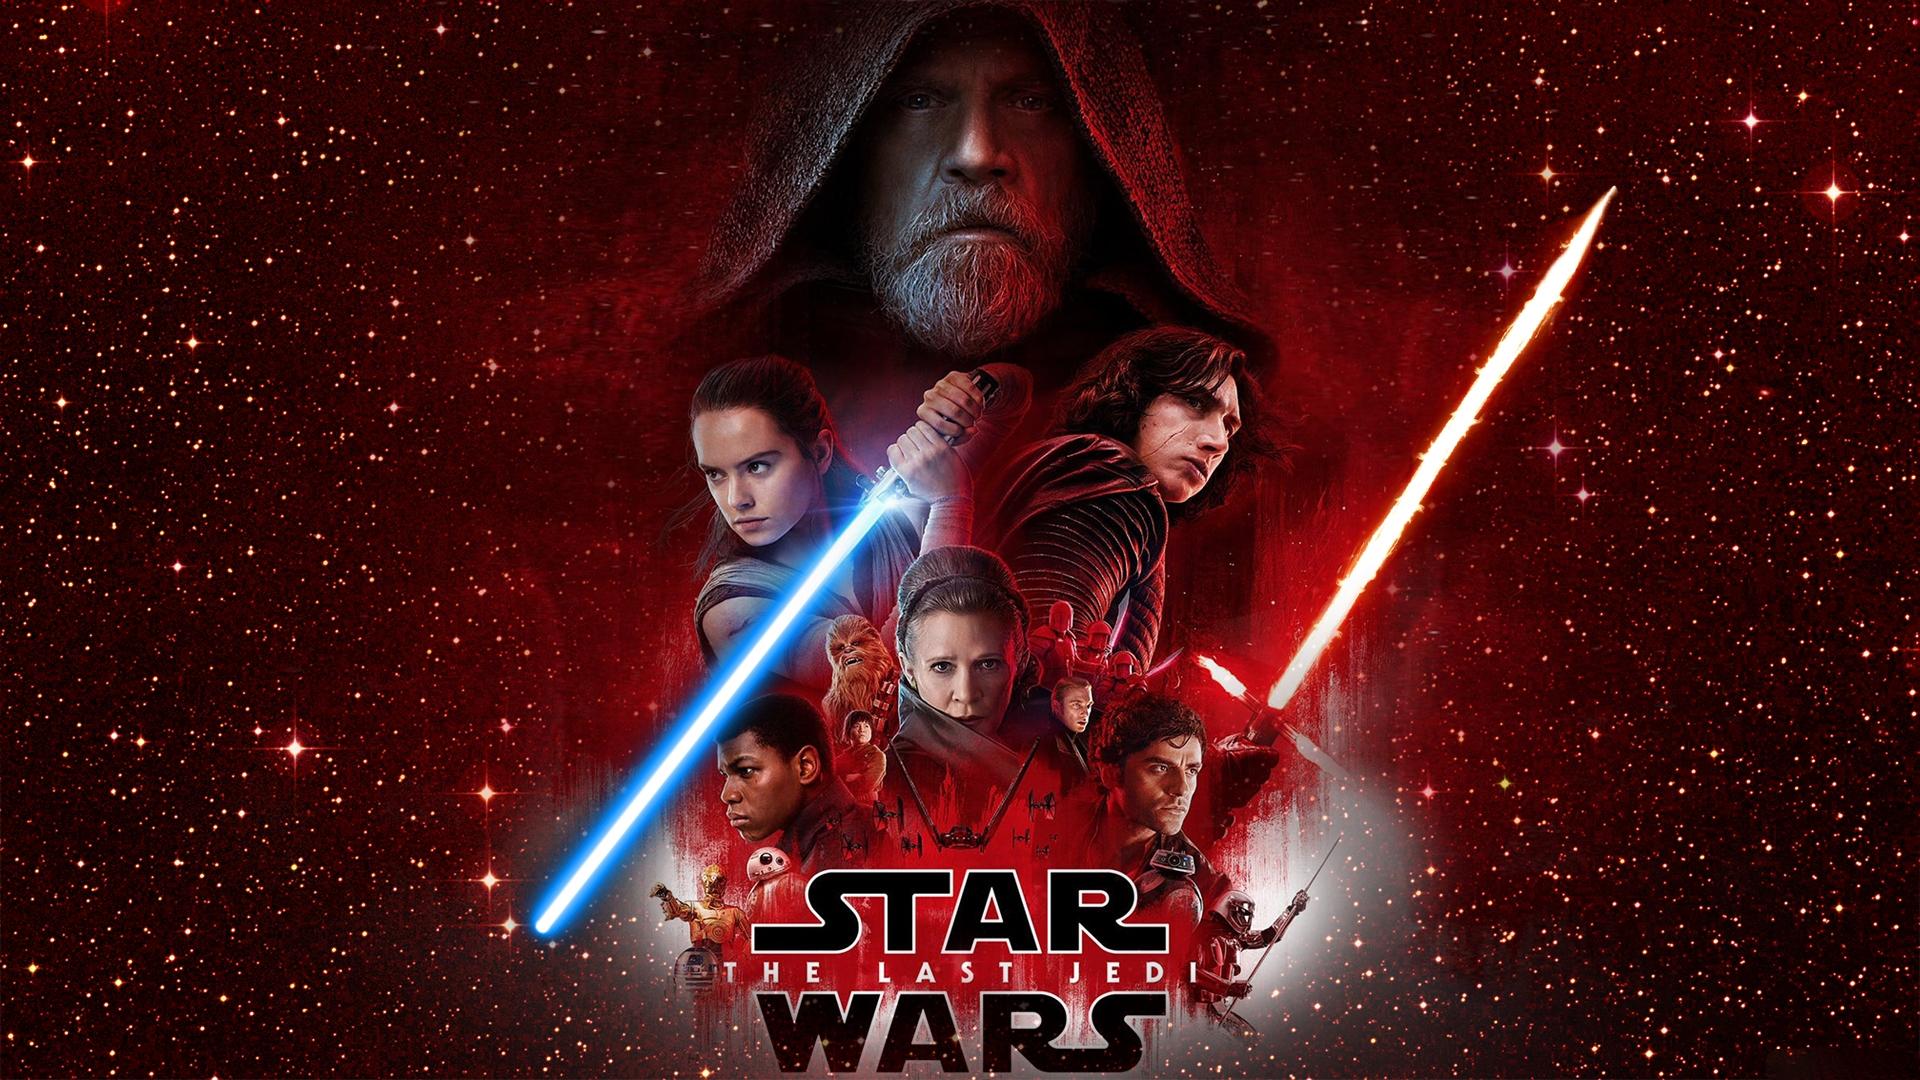 Star Wars Last Jedi Wallpaper: Movie Characters HD Wallpaper